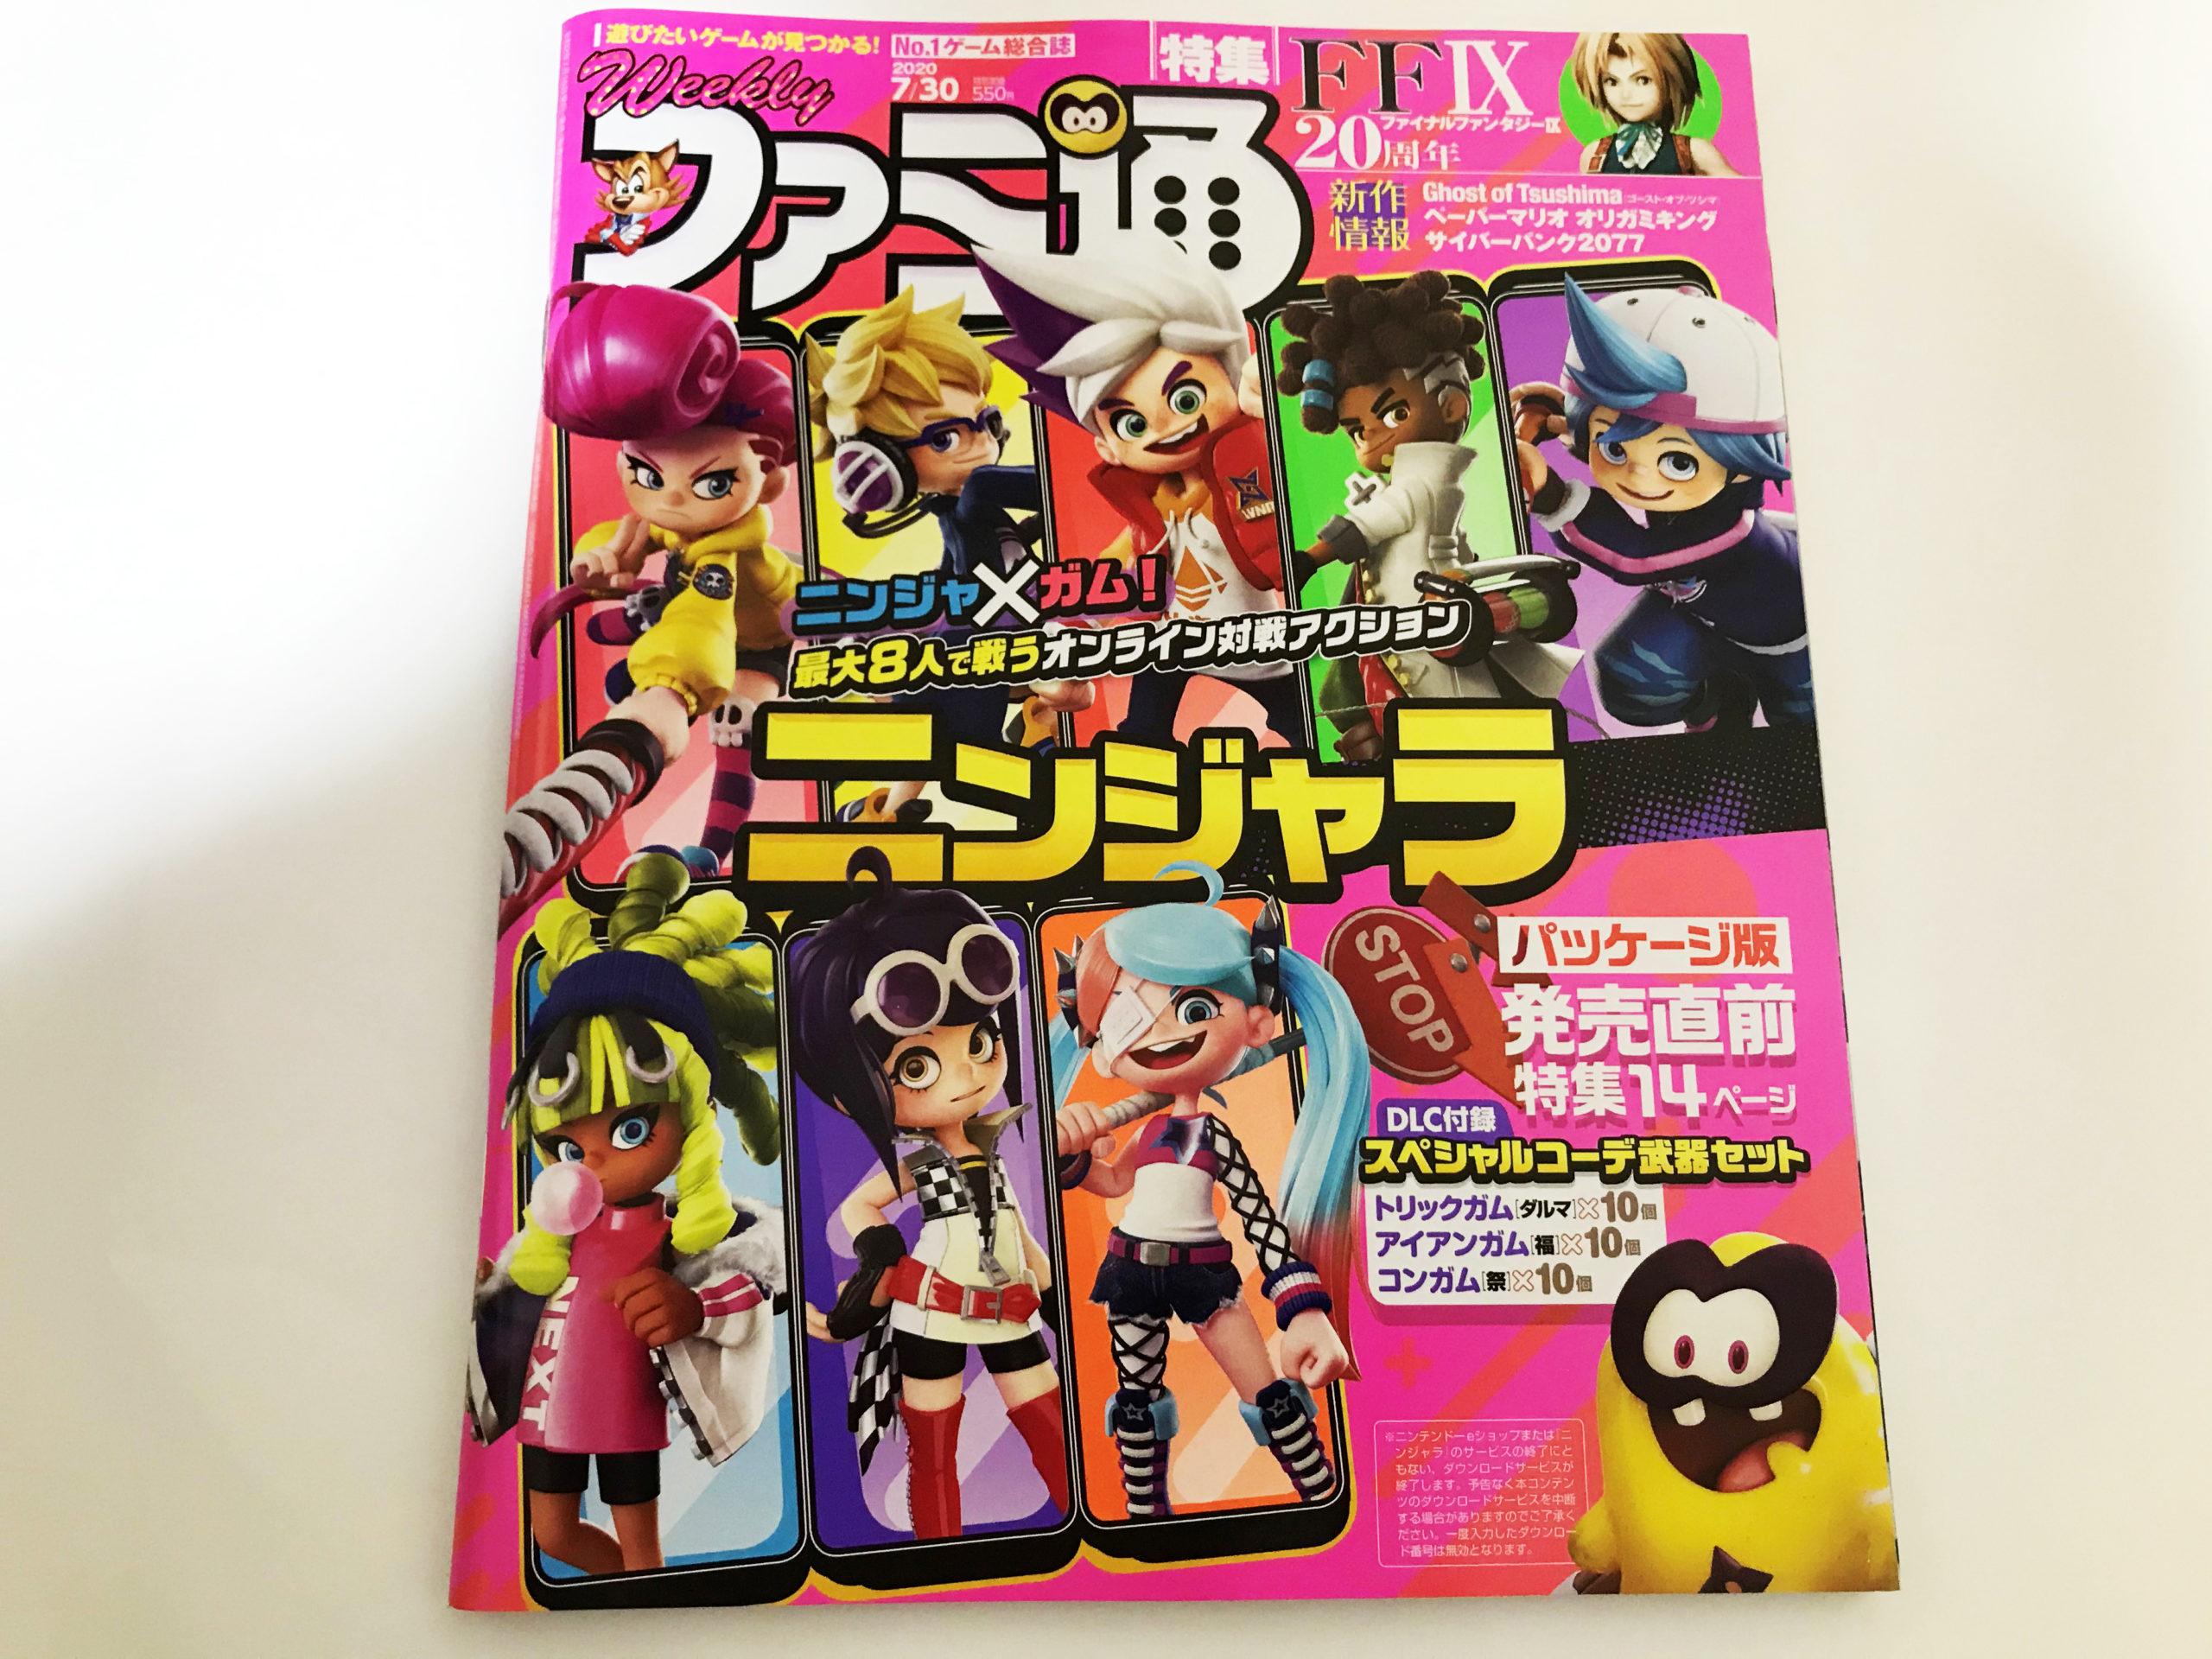 週刊ファミ通 2020年7月30日号 No.1650